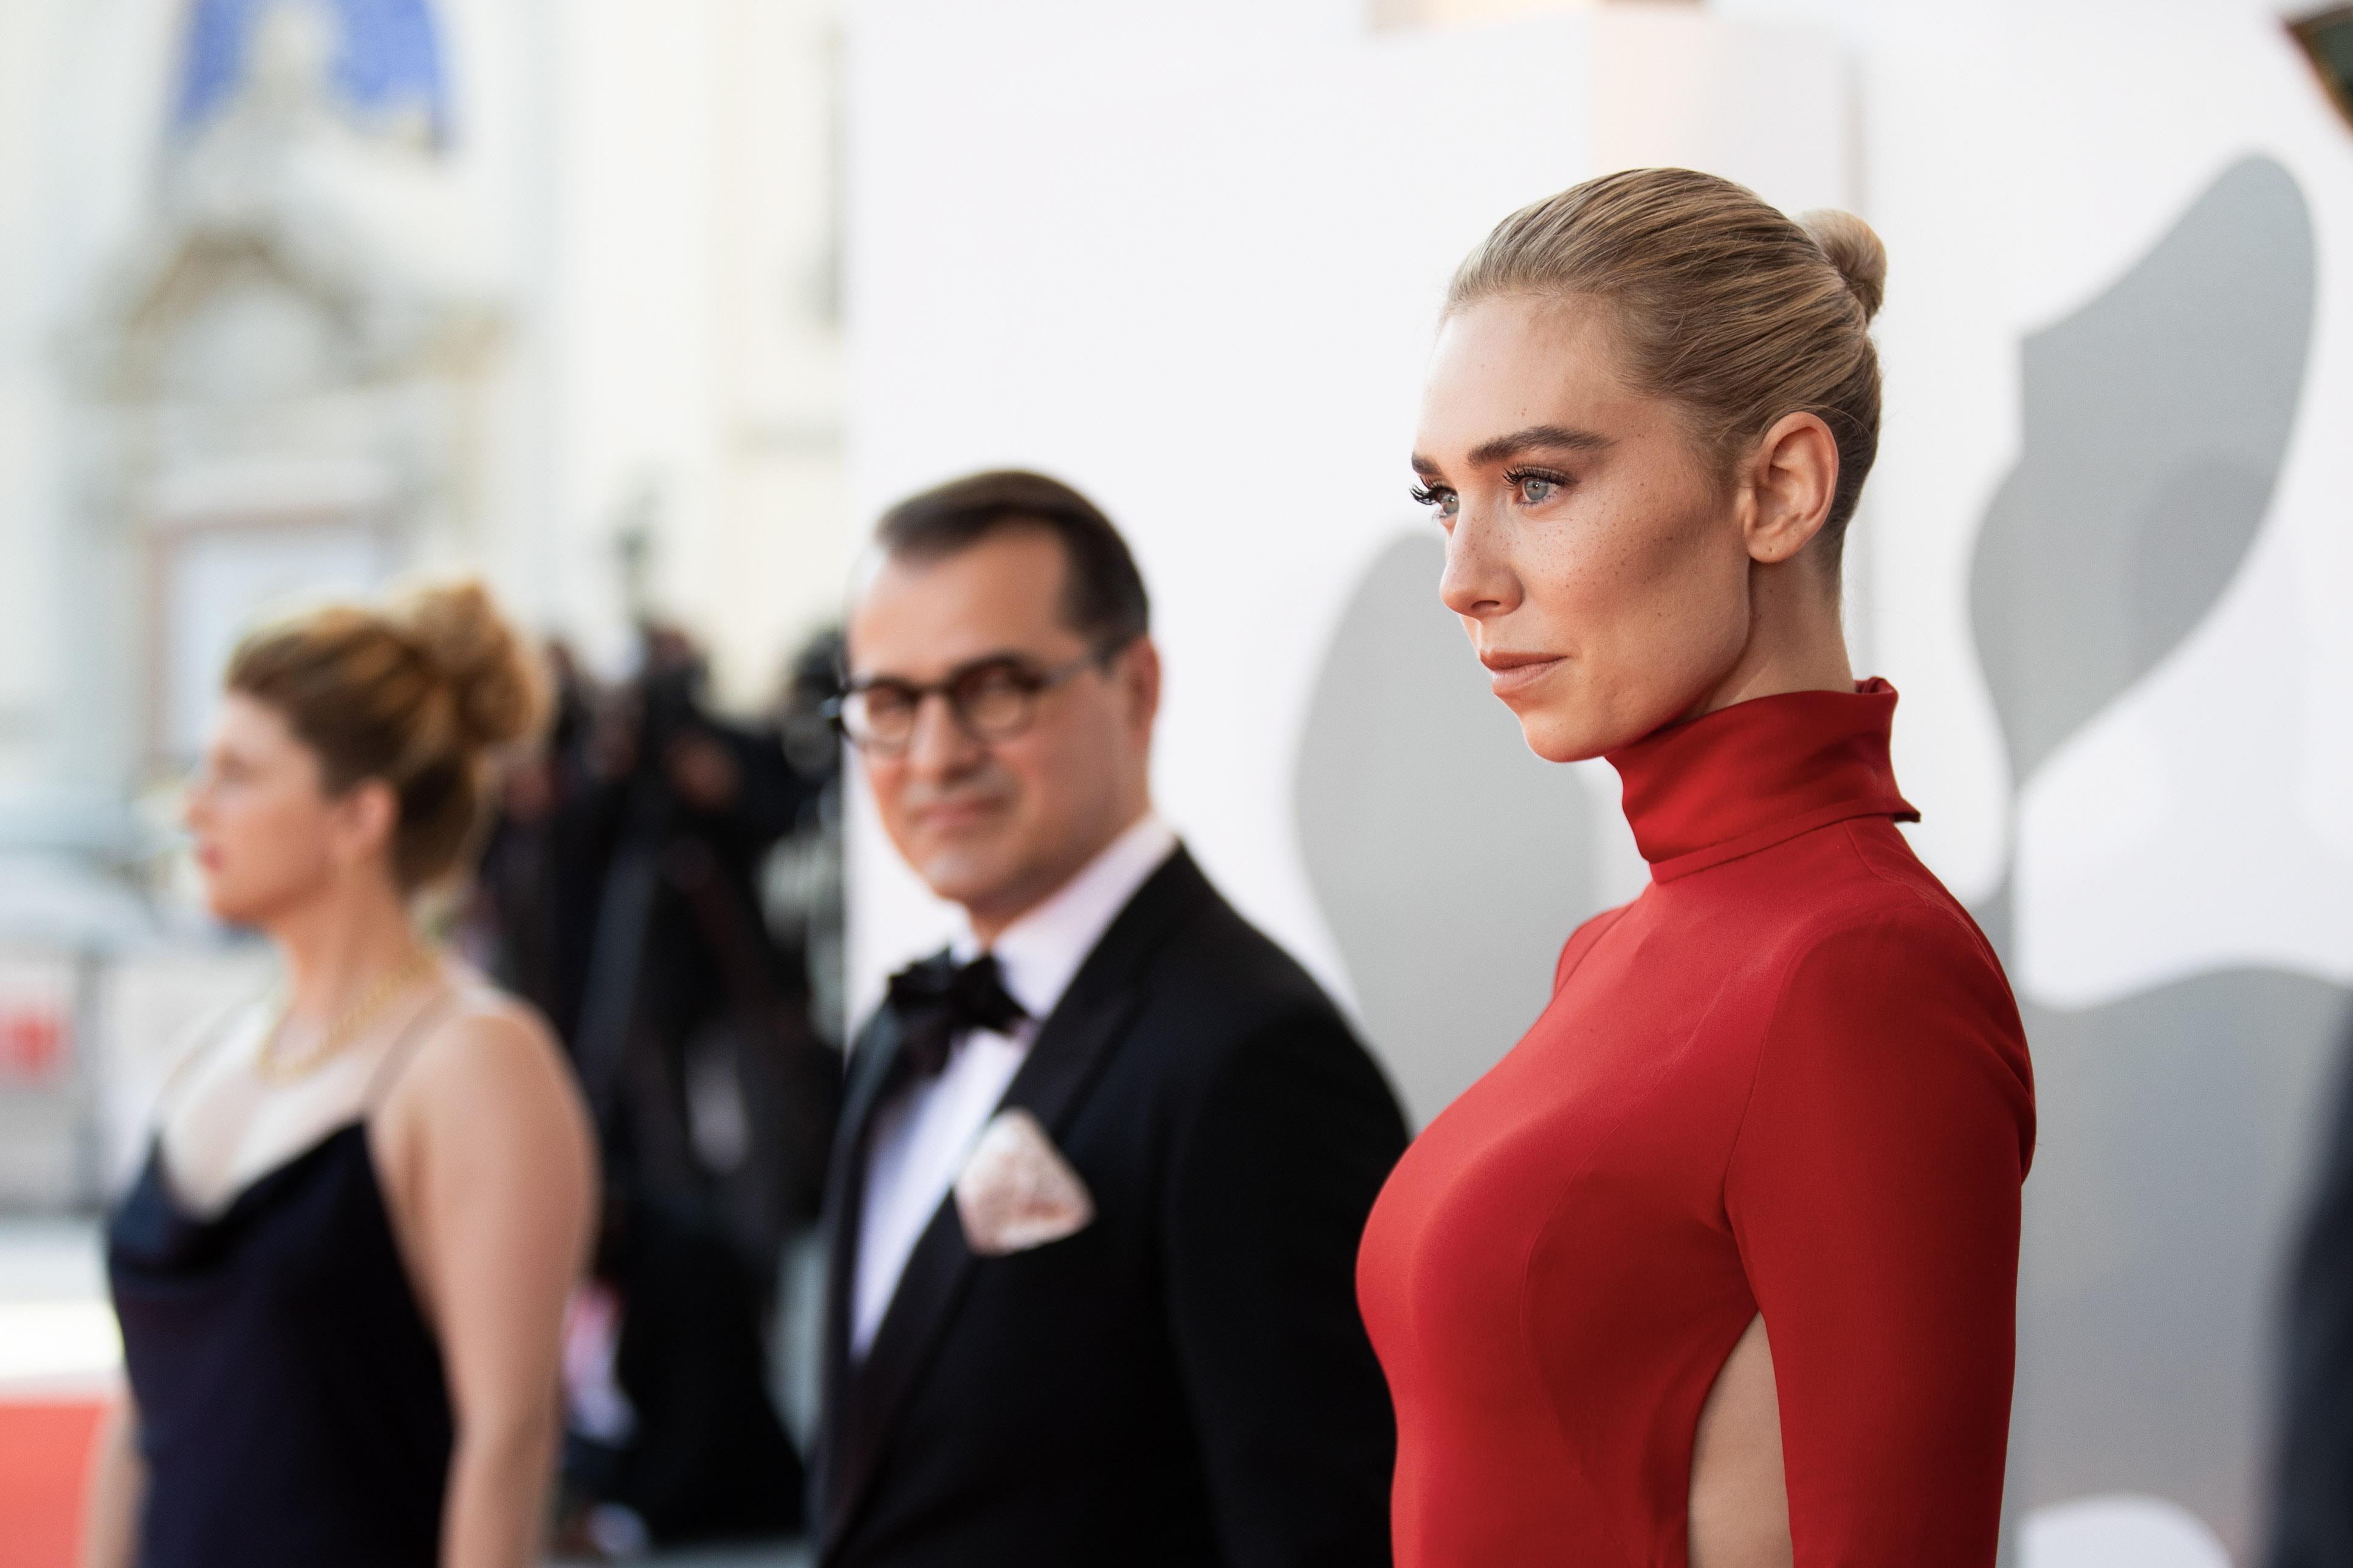 Mundruczó Kornél filmjének főszereplőjét, Vanessa Kirby-t is jelölték Golden Globe-díjra